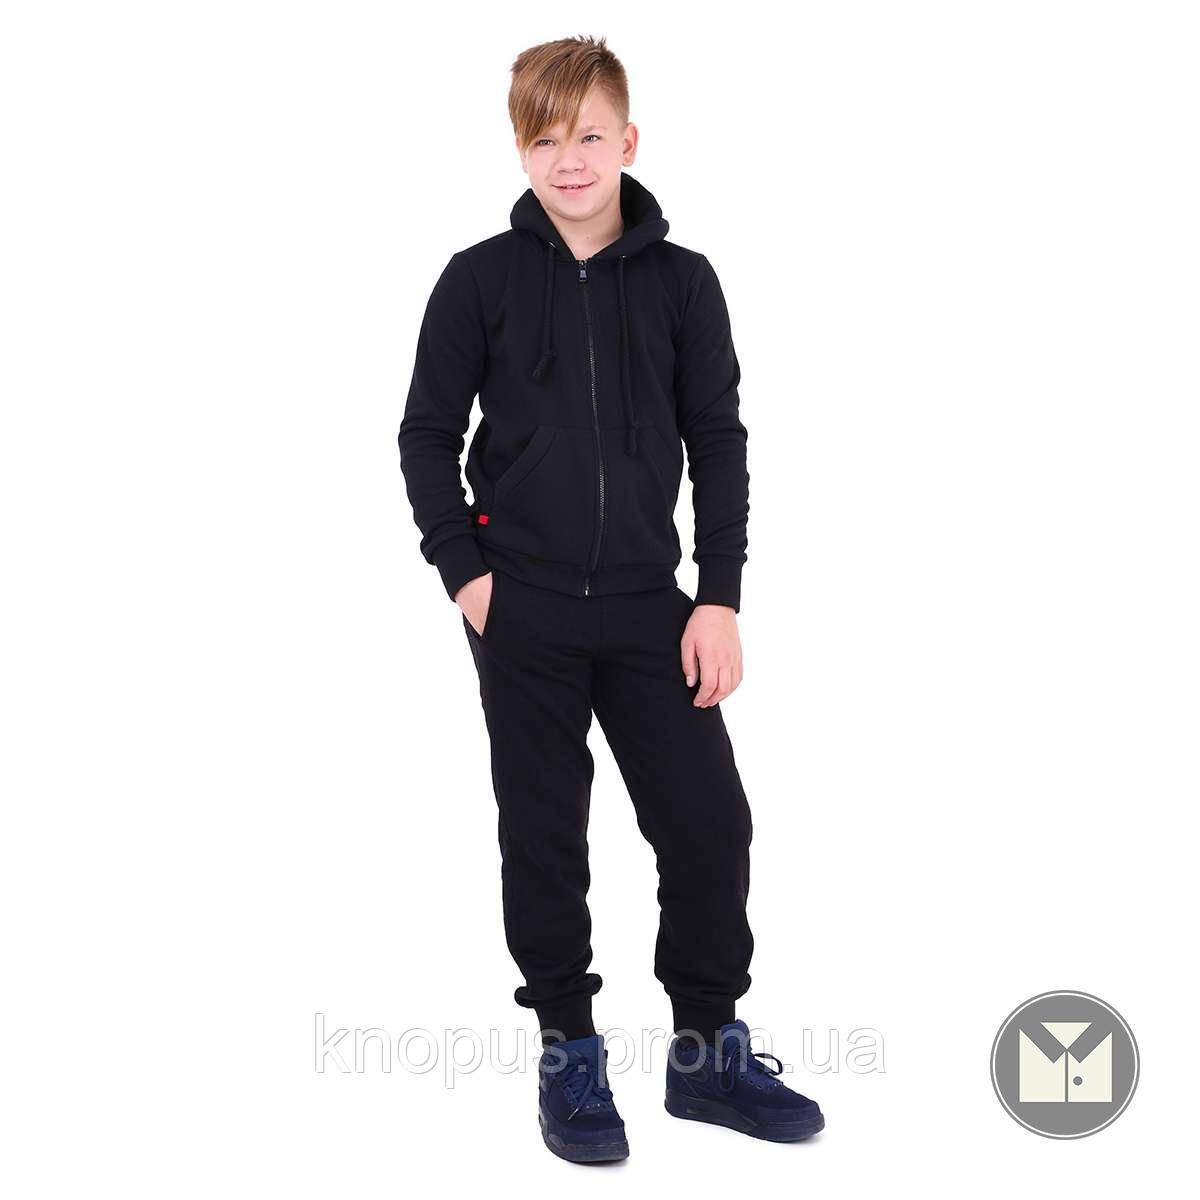 Копия Спортивный костюм Jordan (черный), размеры 122-152, Тимбо